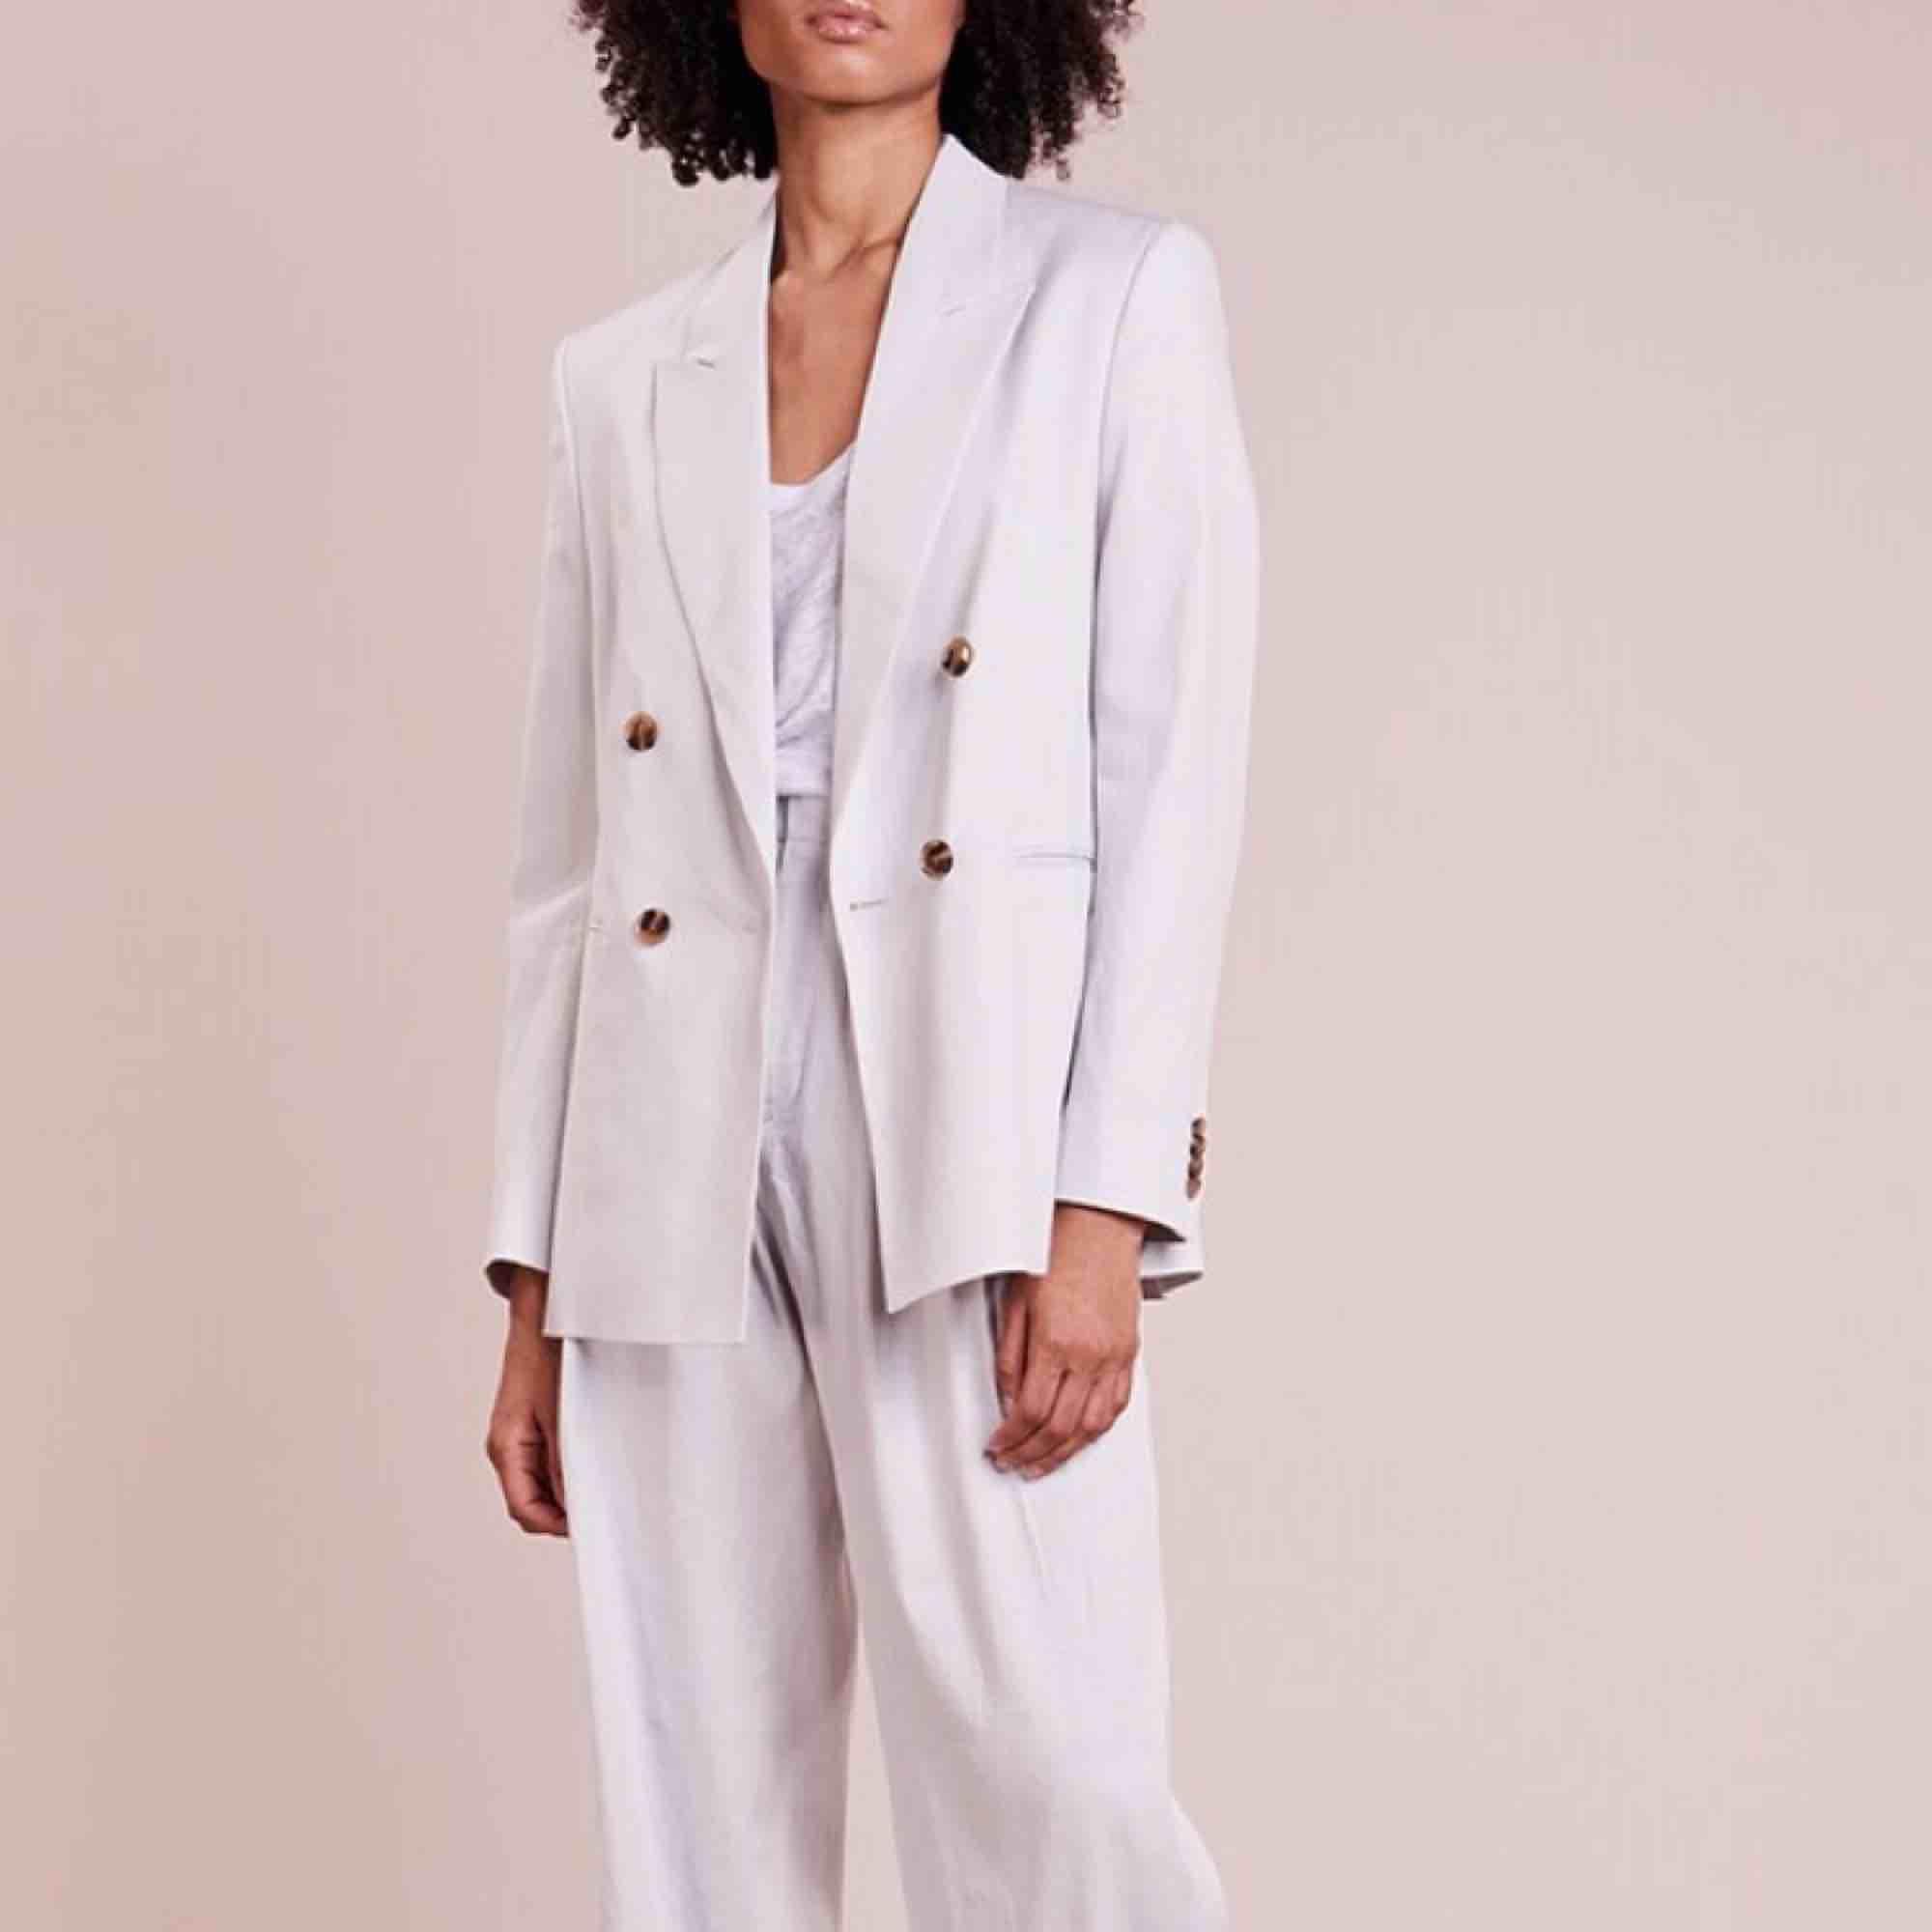 Säljer min Filippa K kostym, Katie mineral, då den inte kommer till användning. Den är helt oanvänd och köpt ny. Finns inte längre att köpa. Både kavaj och byxor! . Kostymer.